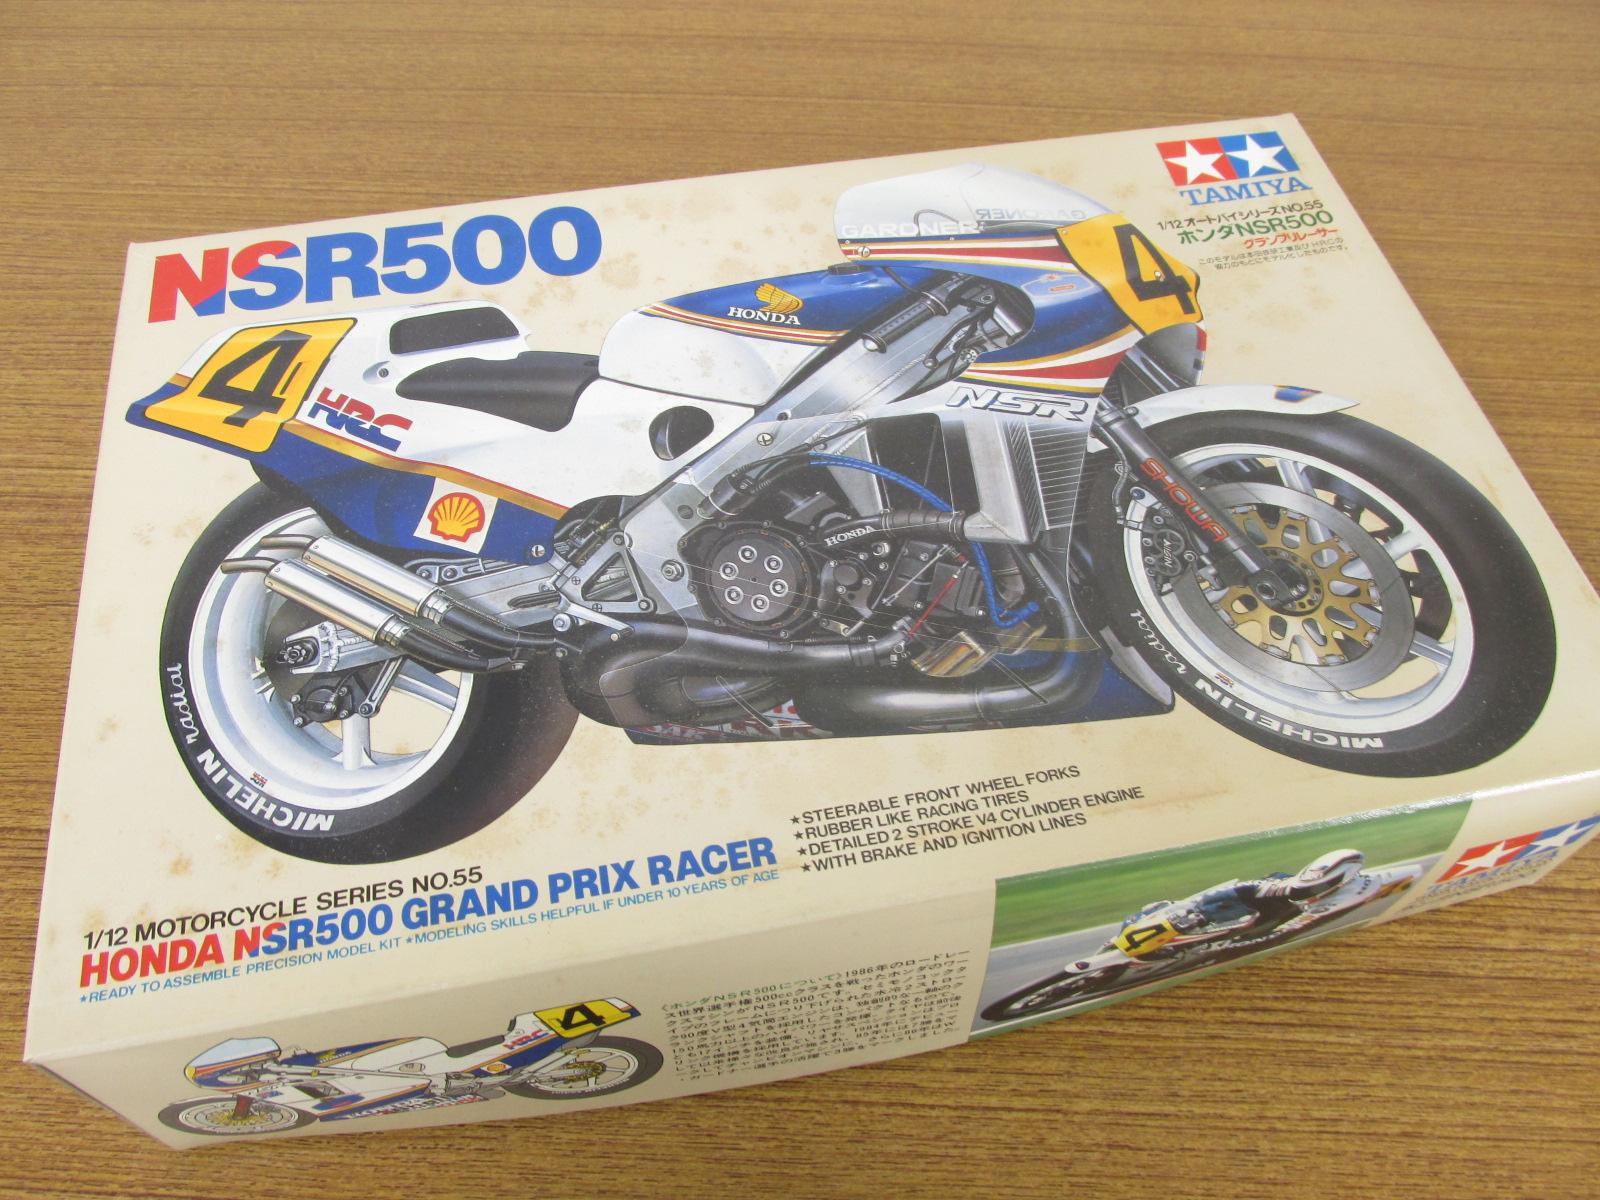 タミヤ 1/12 オートバイシリーズNo.55 ホンダNSR500 グランプリレーサー 欠品あり